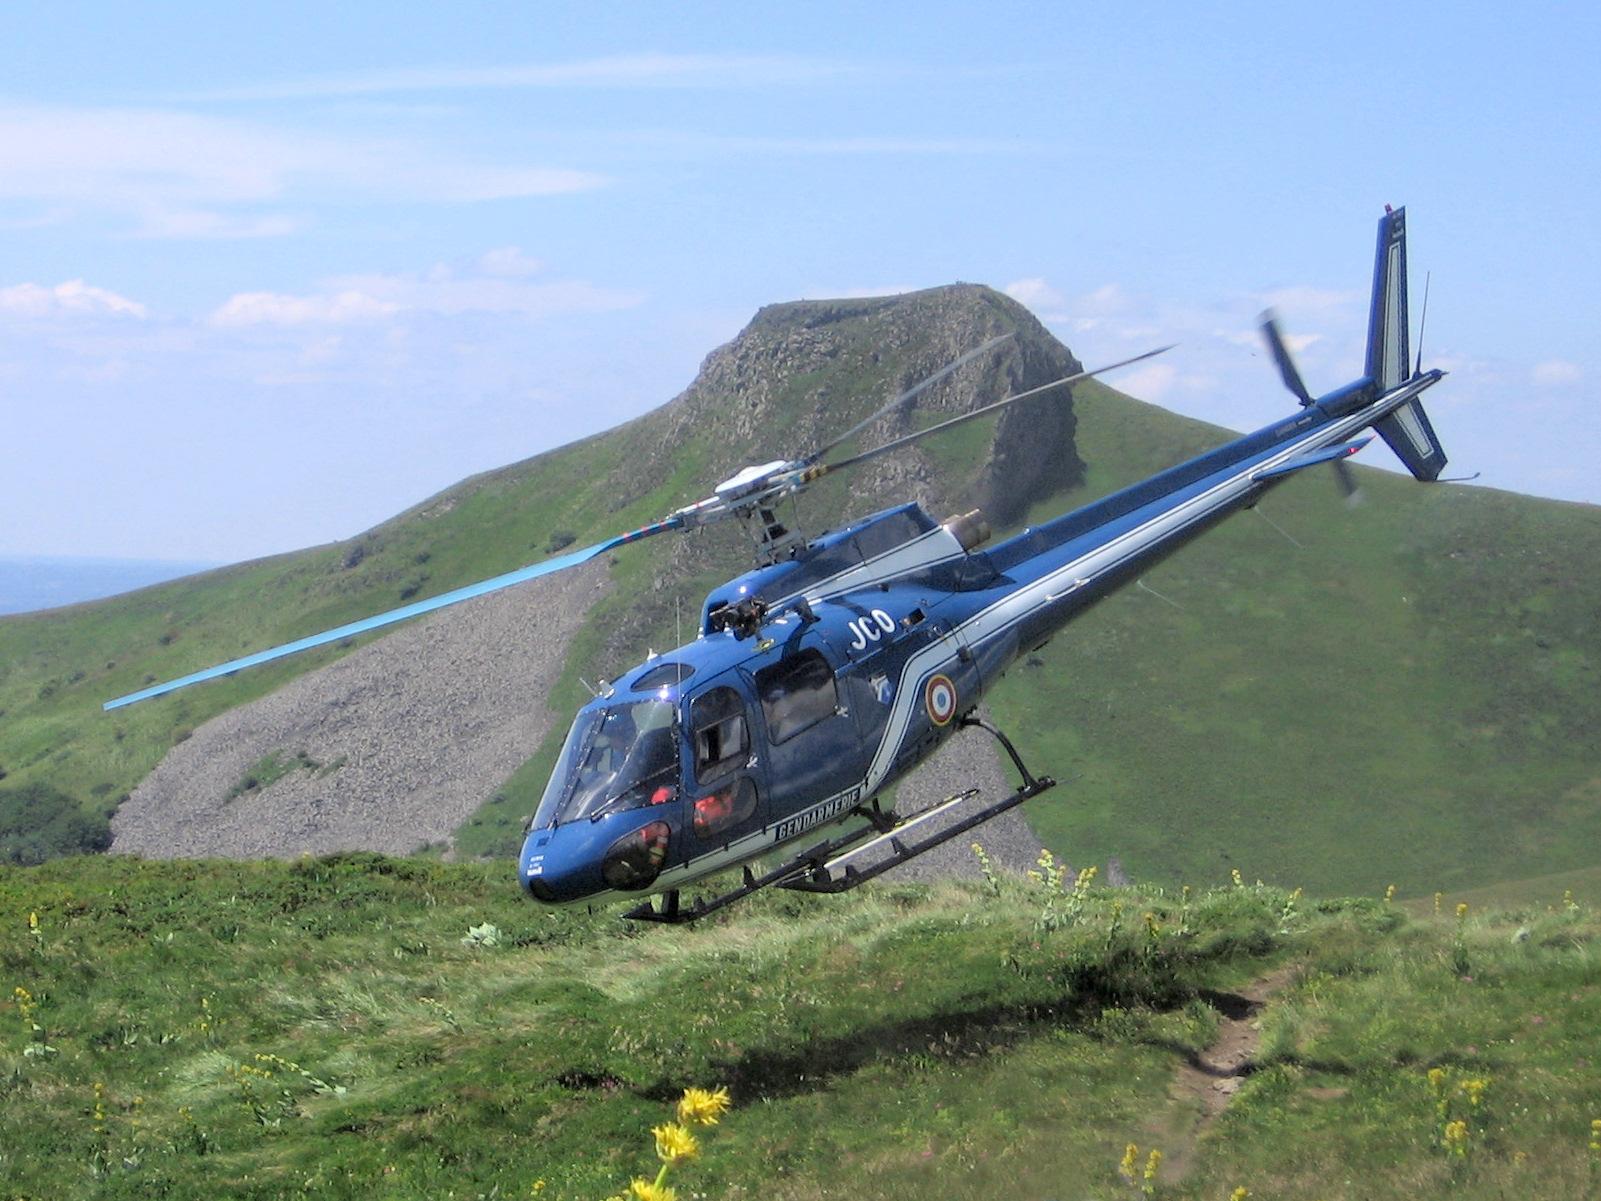 Helikopterbalesetben életét vesztette az orosz főügyész helyettese